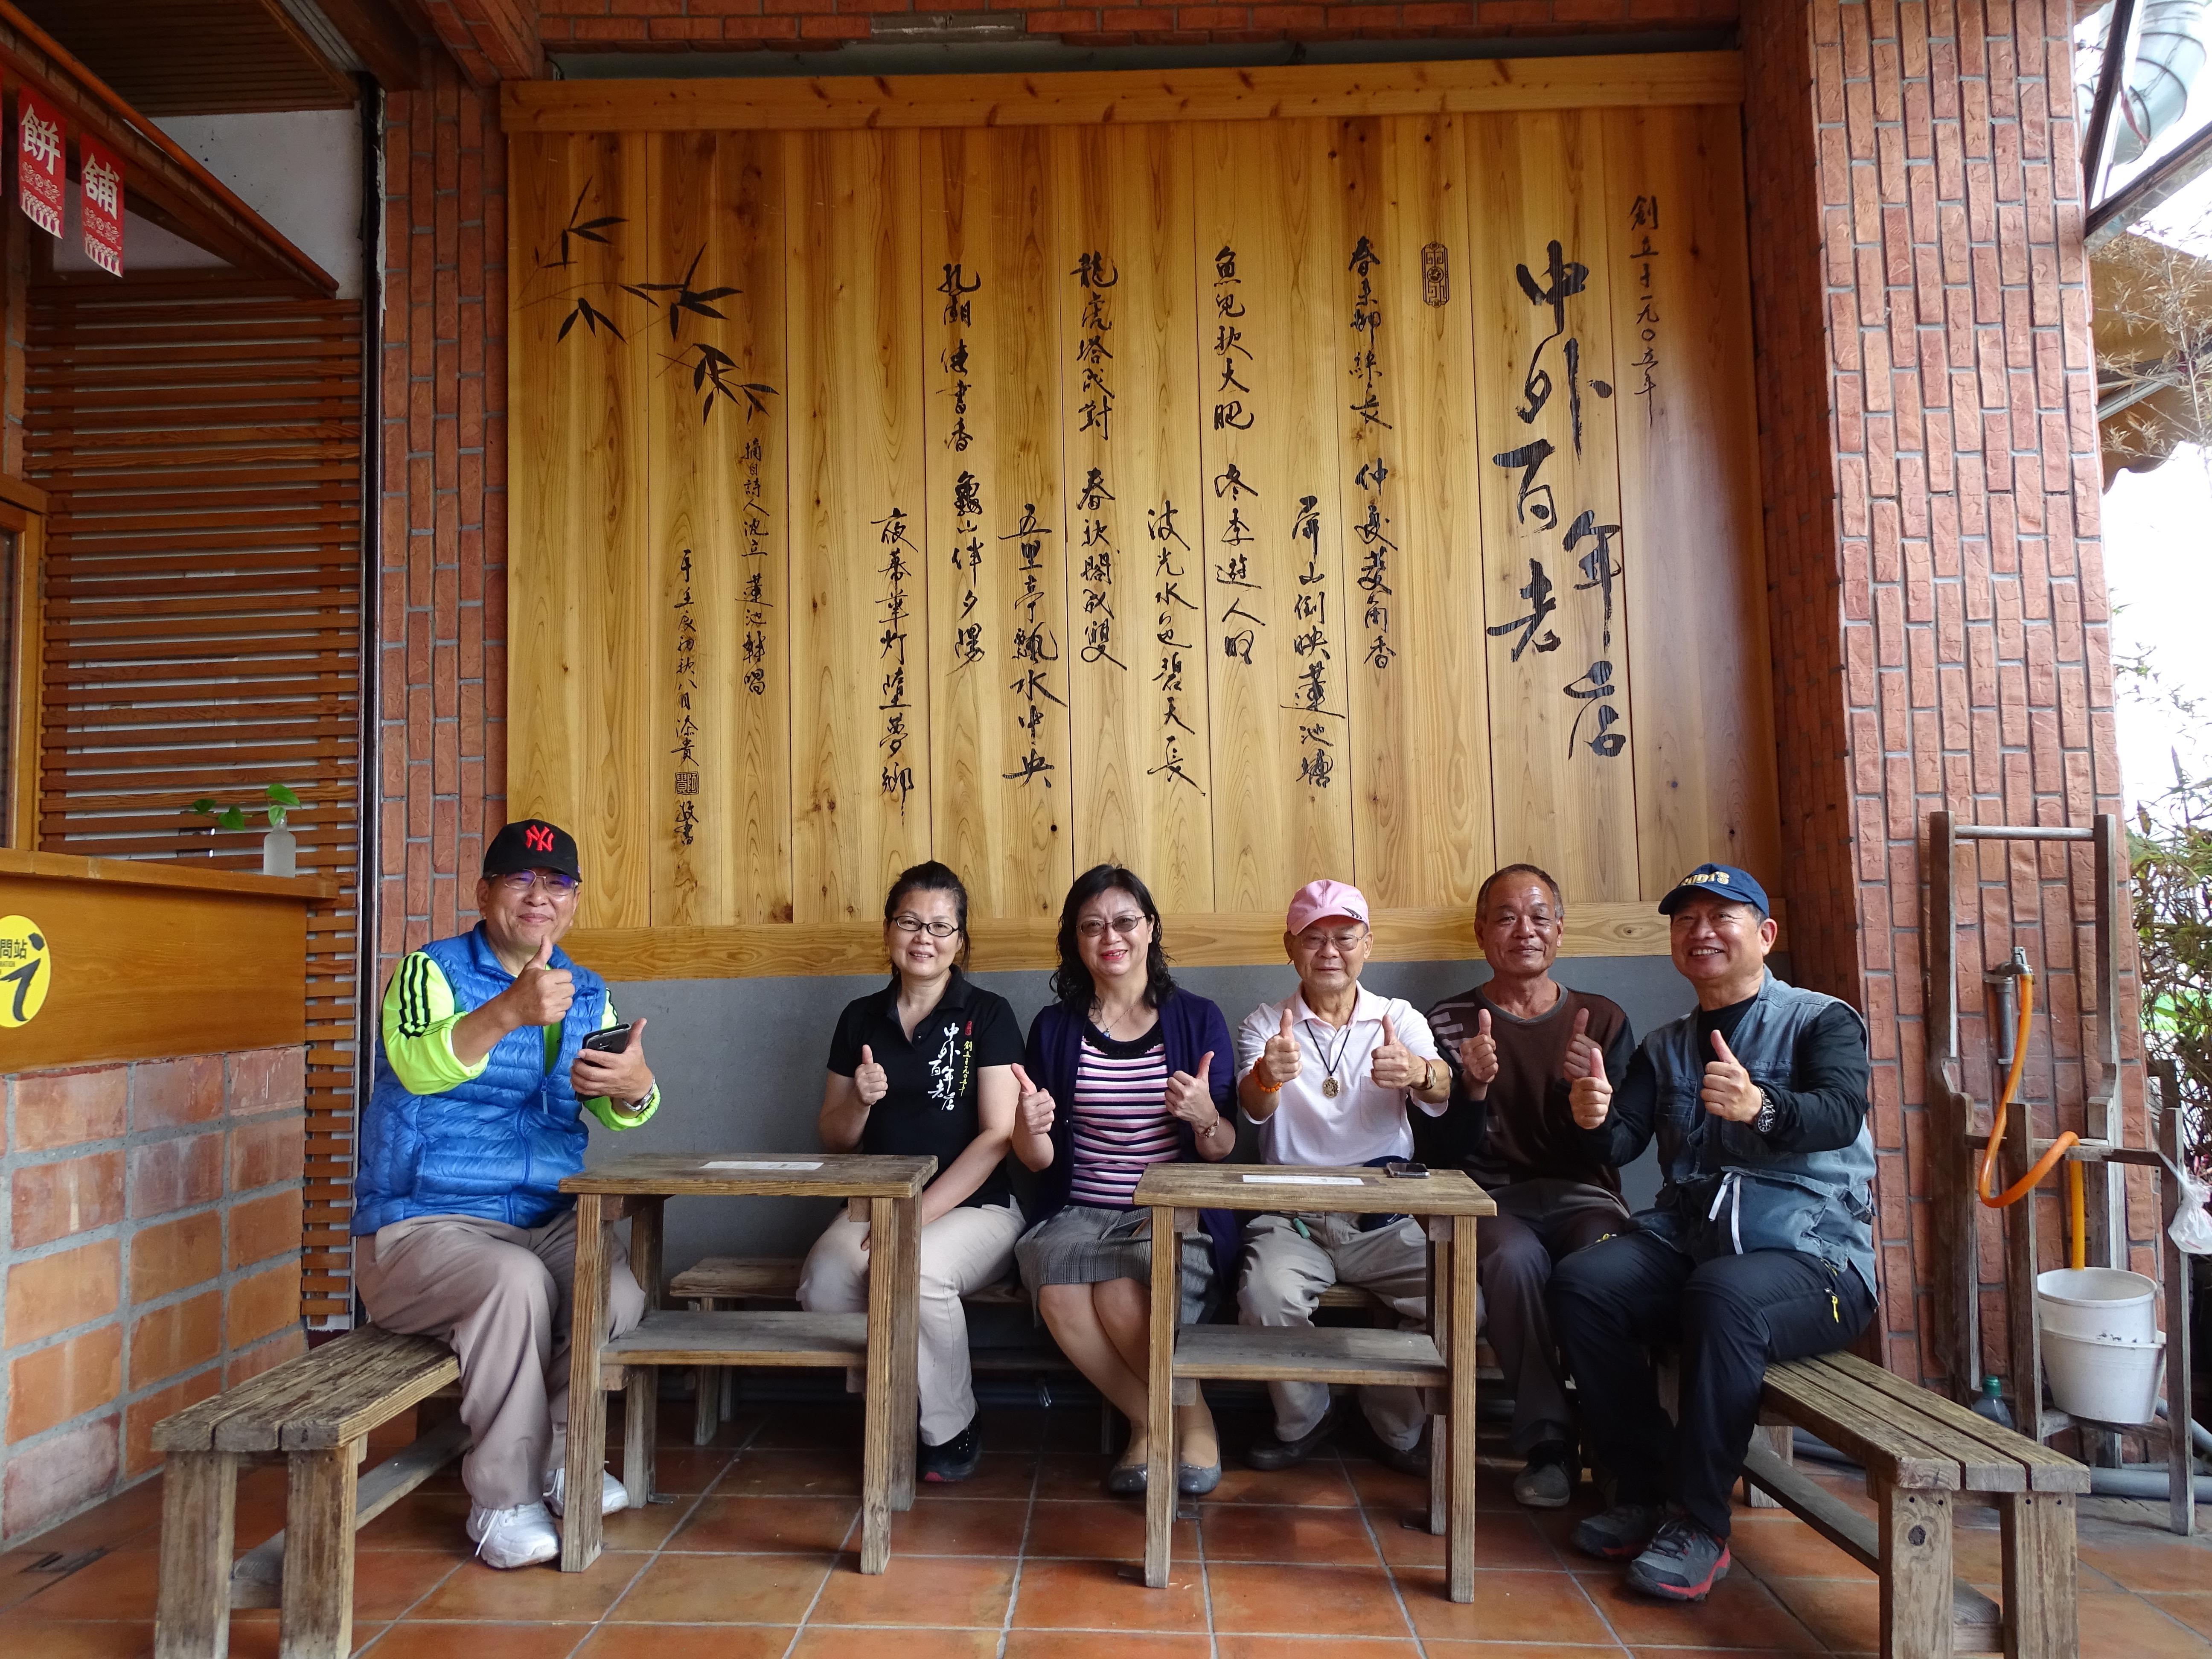 本區婦參小組歡迎日本長宿協會蒞臨本區在地文創館